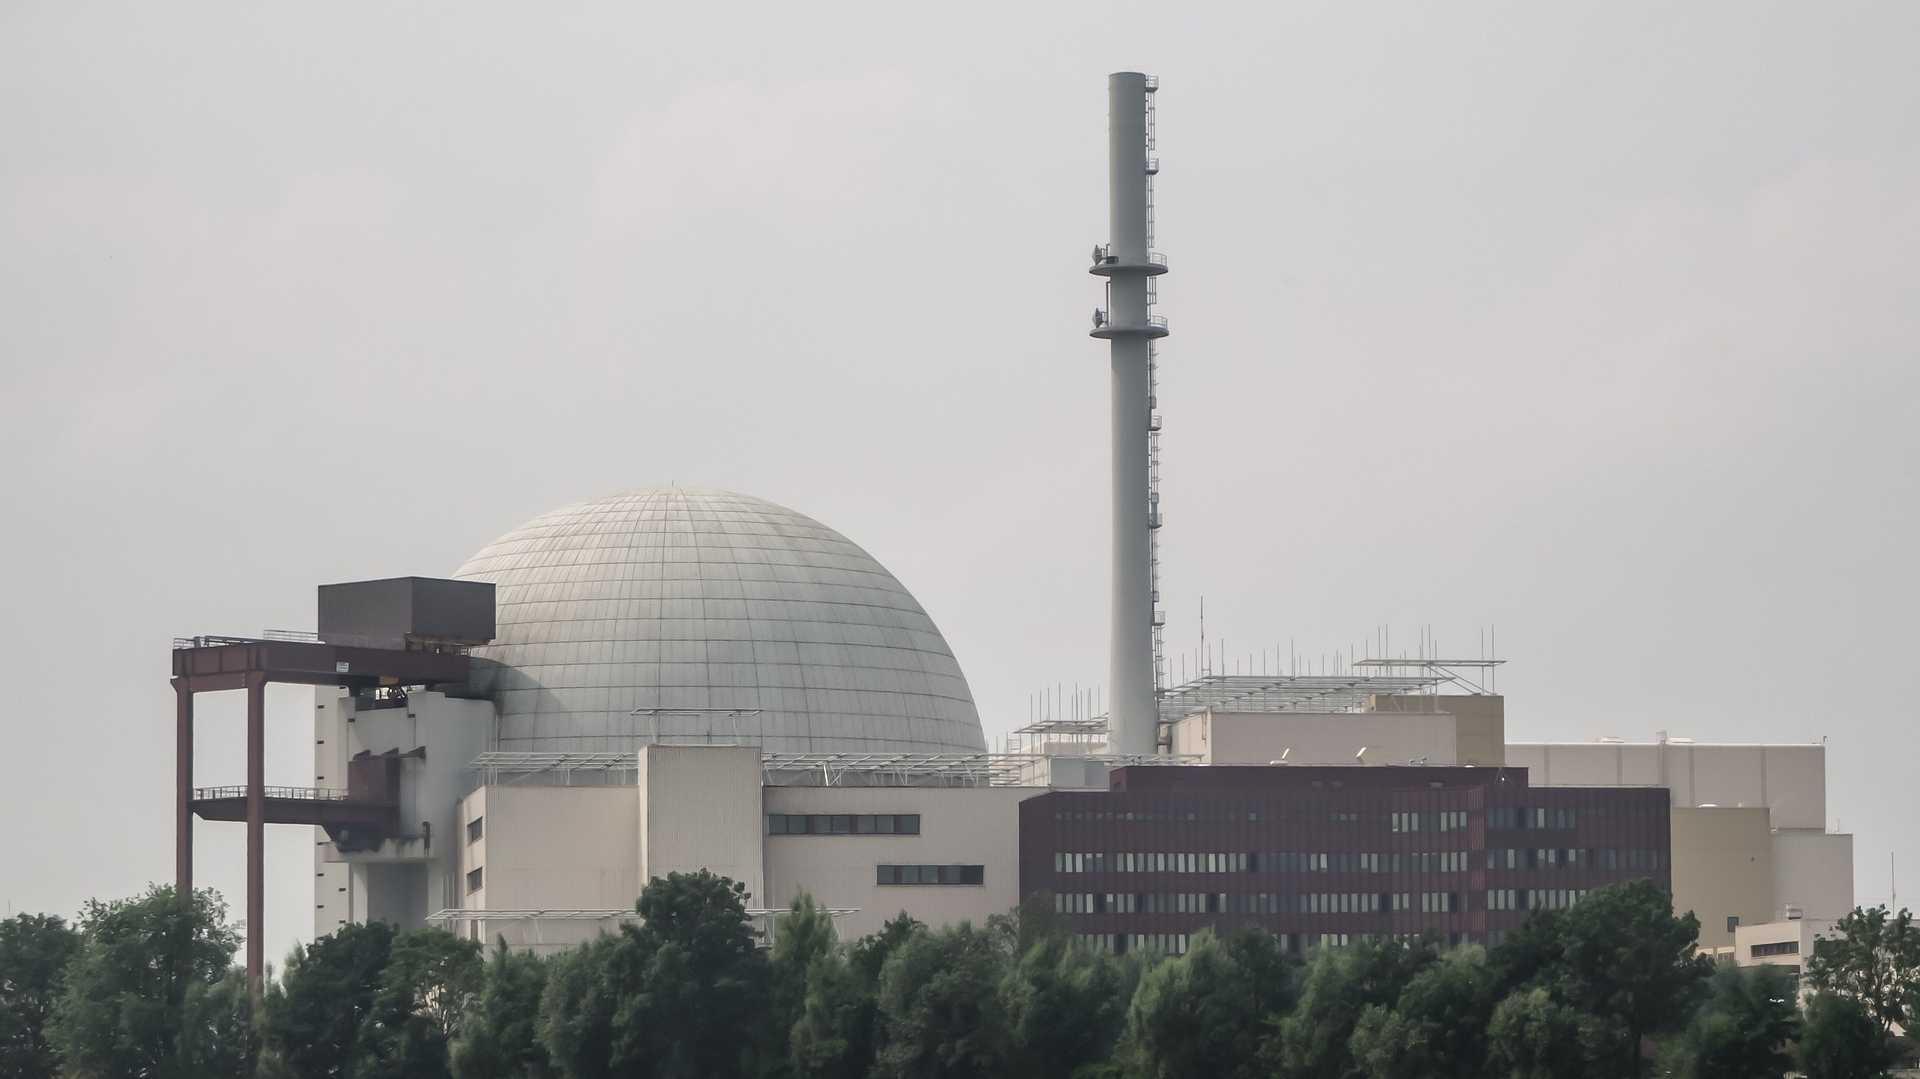 Atomkraftwerk Brokdorf geht wieder ans Netz